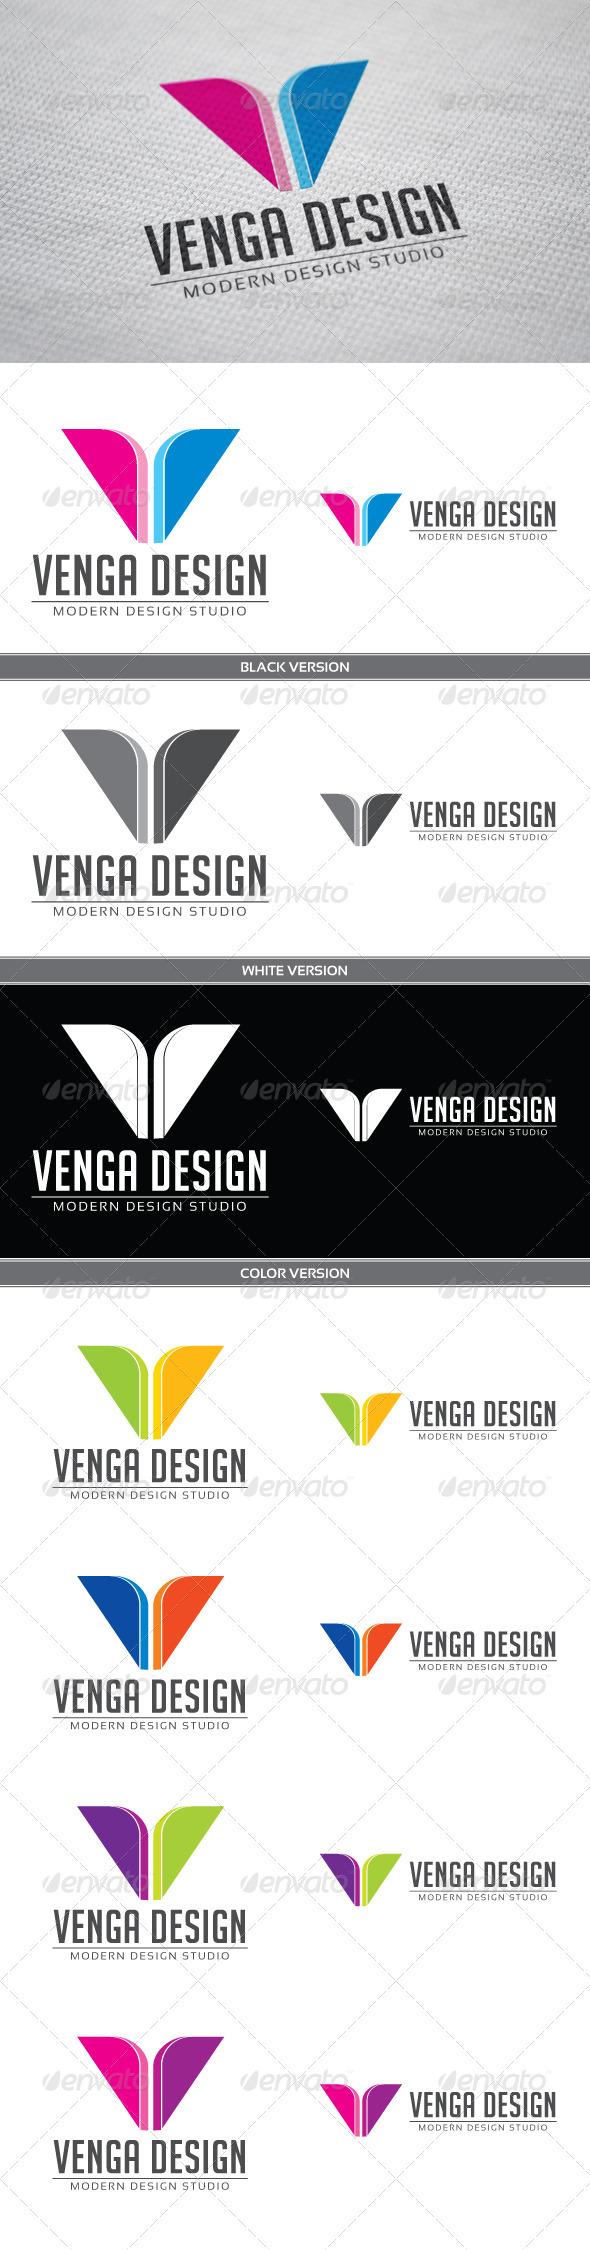 GraphicRiver Venga 3925373